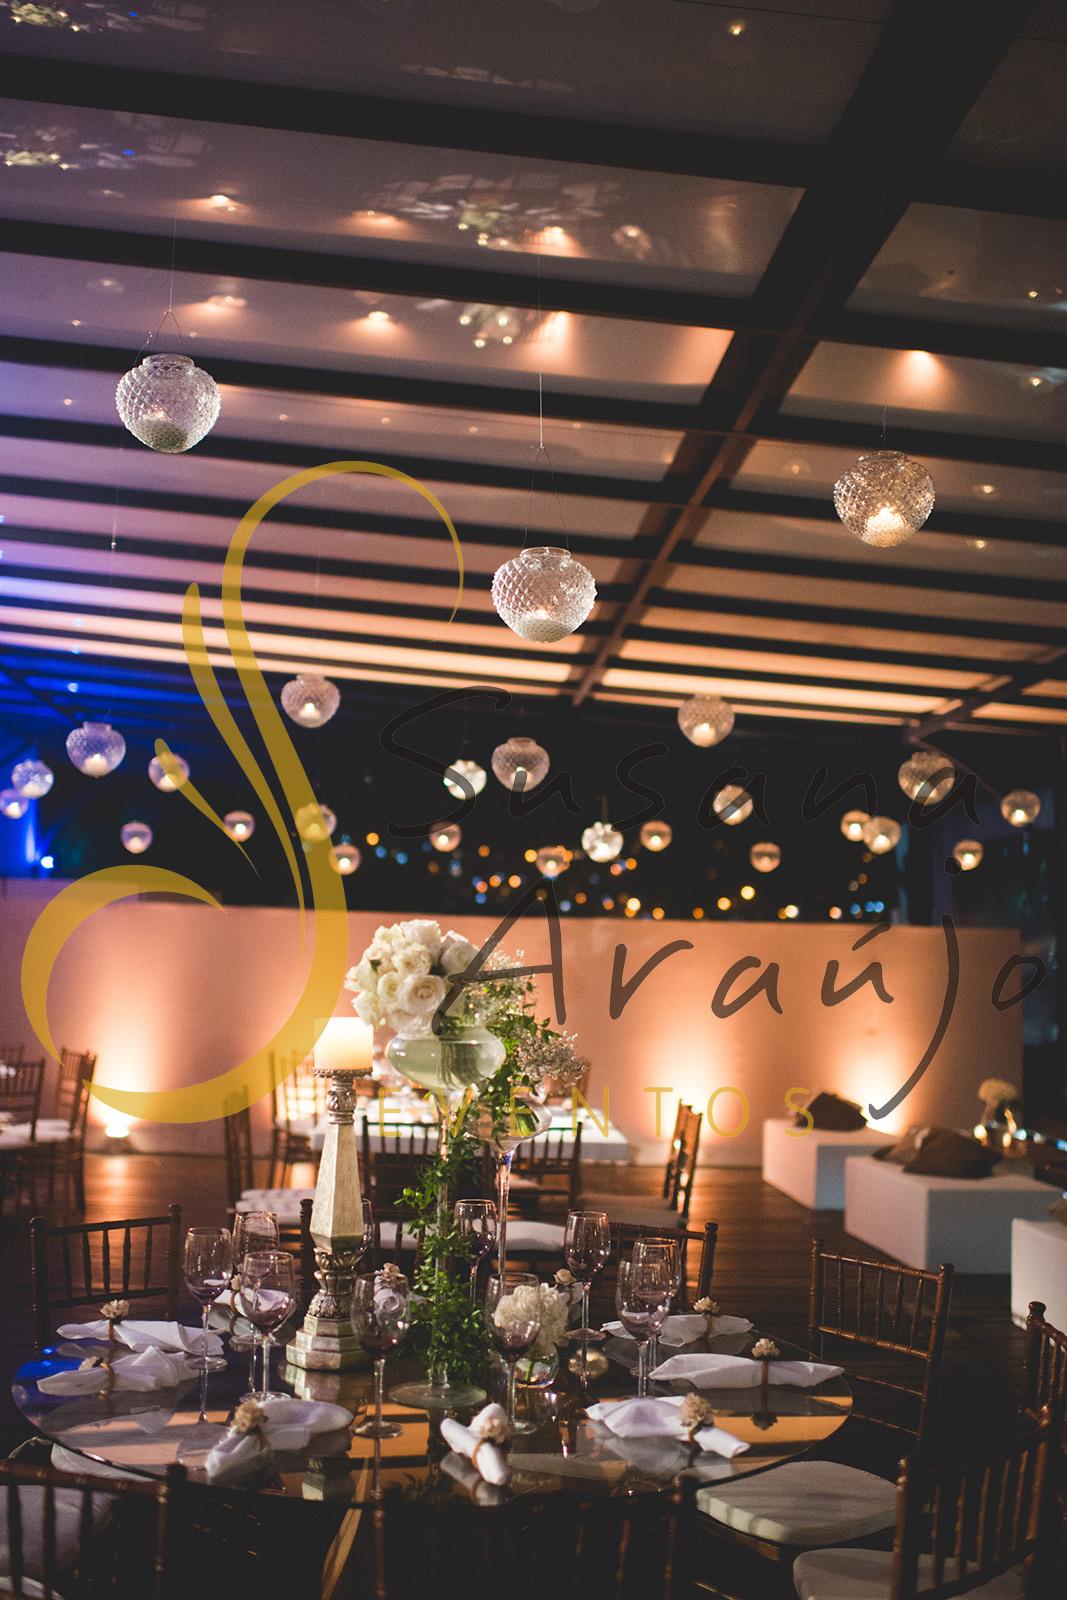 Casamento Clube Aquidaba Angra Decoração floral flores brancas mesa convidados centro composição flores brancas mesa redonda vidro varanda velas suspensas bico de jaca